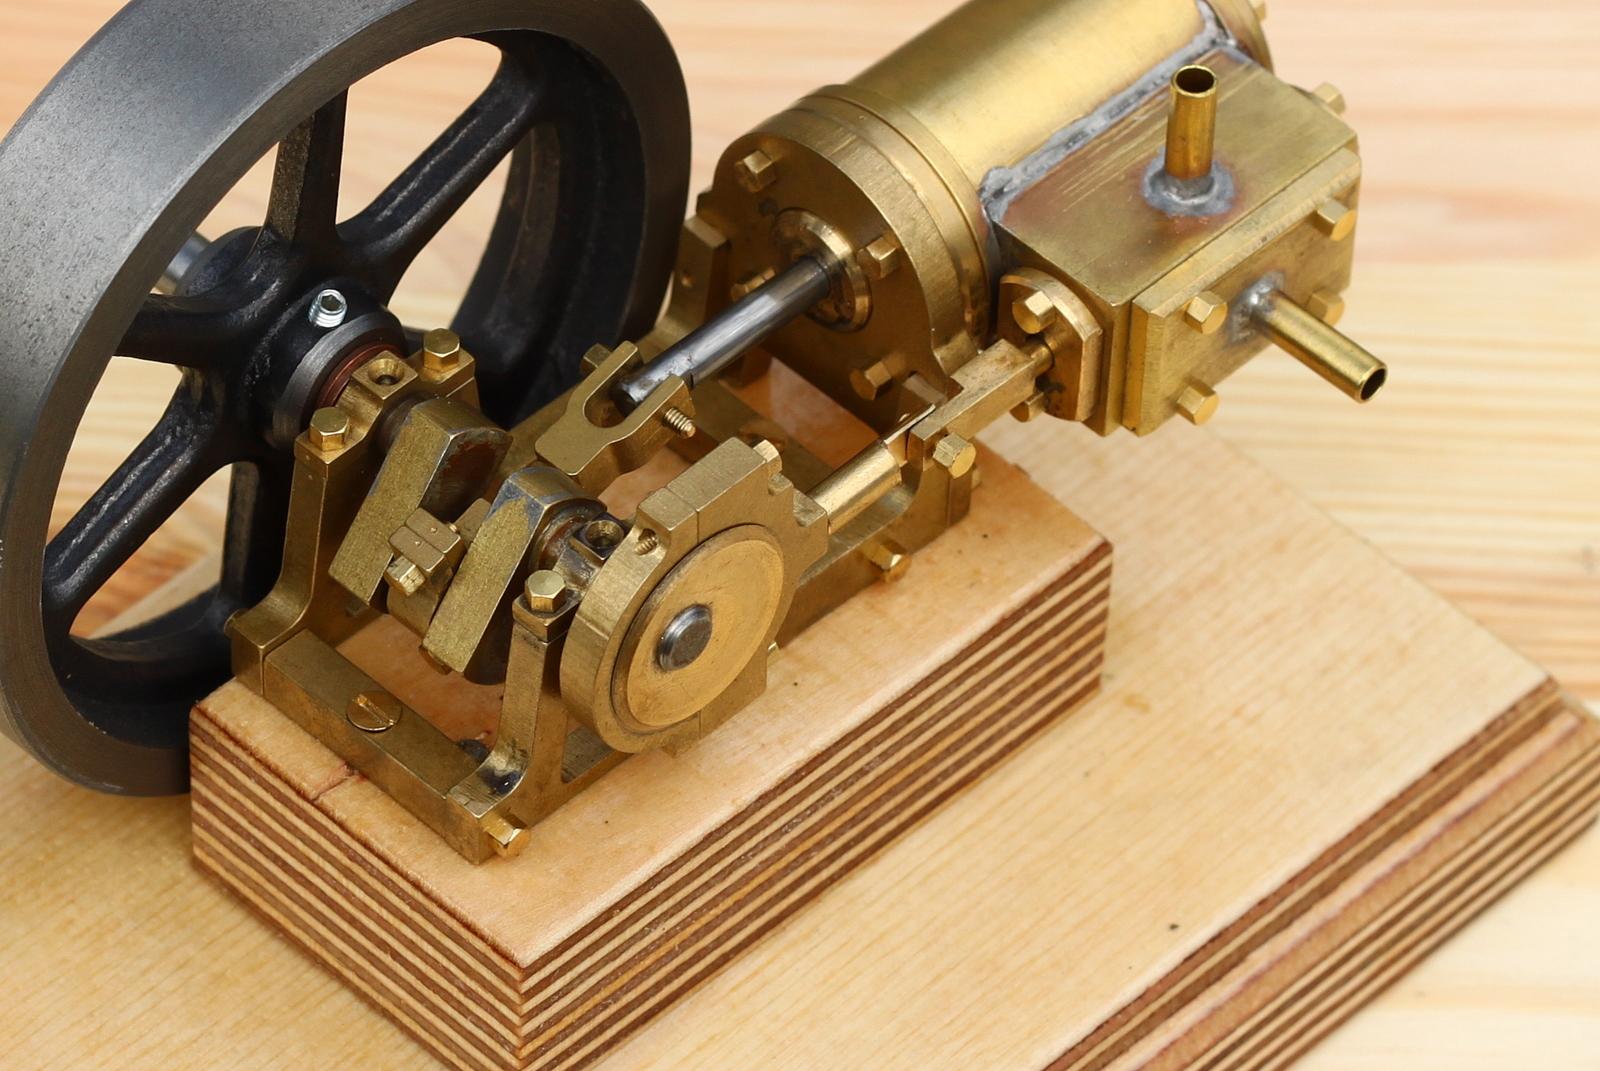 Dampfmaschine Selber Bauen